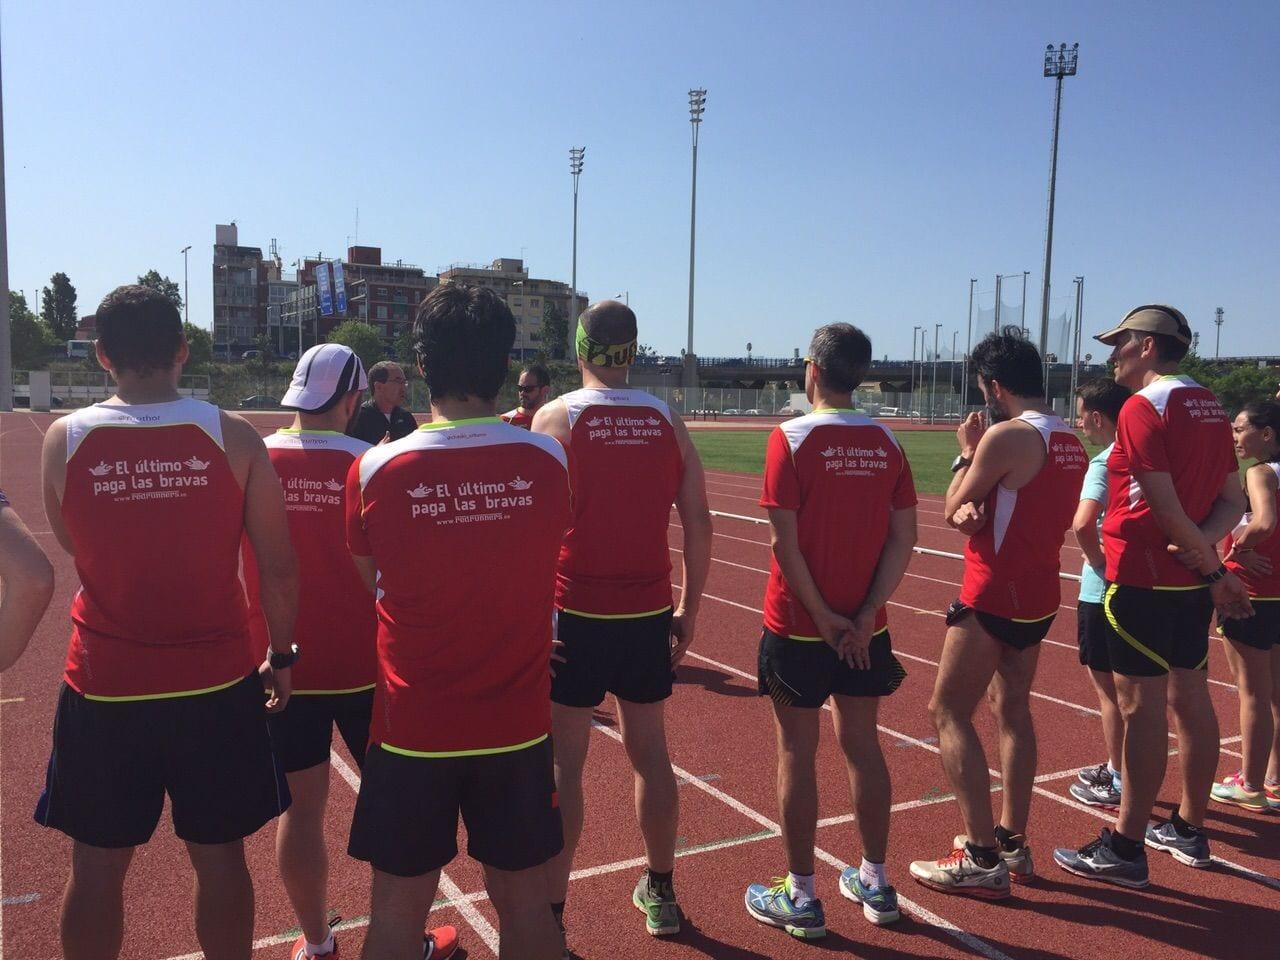 Imagen grupo Red Runners entrenando en Santa Coloma. Técnica de carrera.